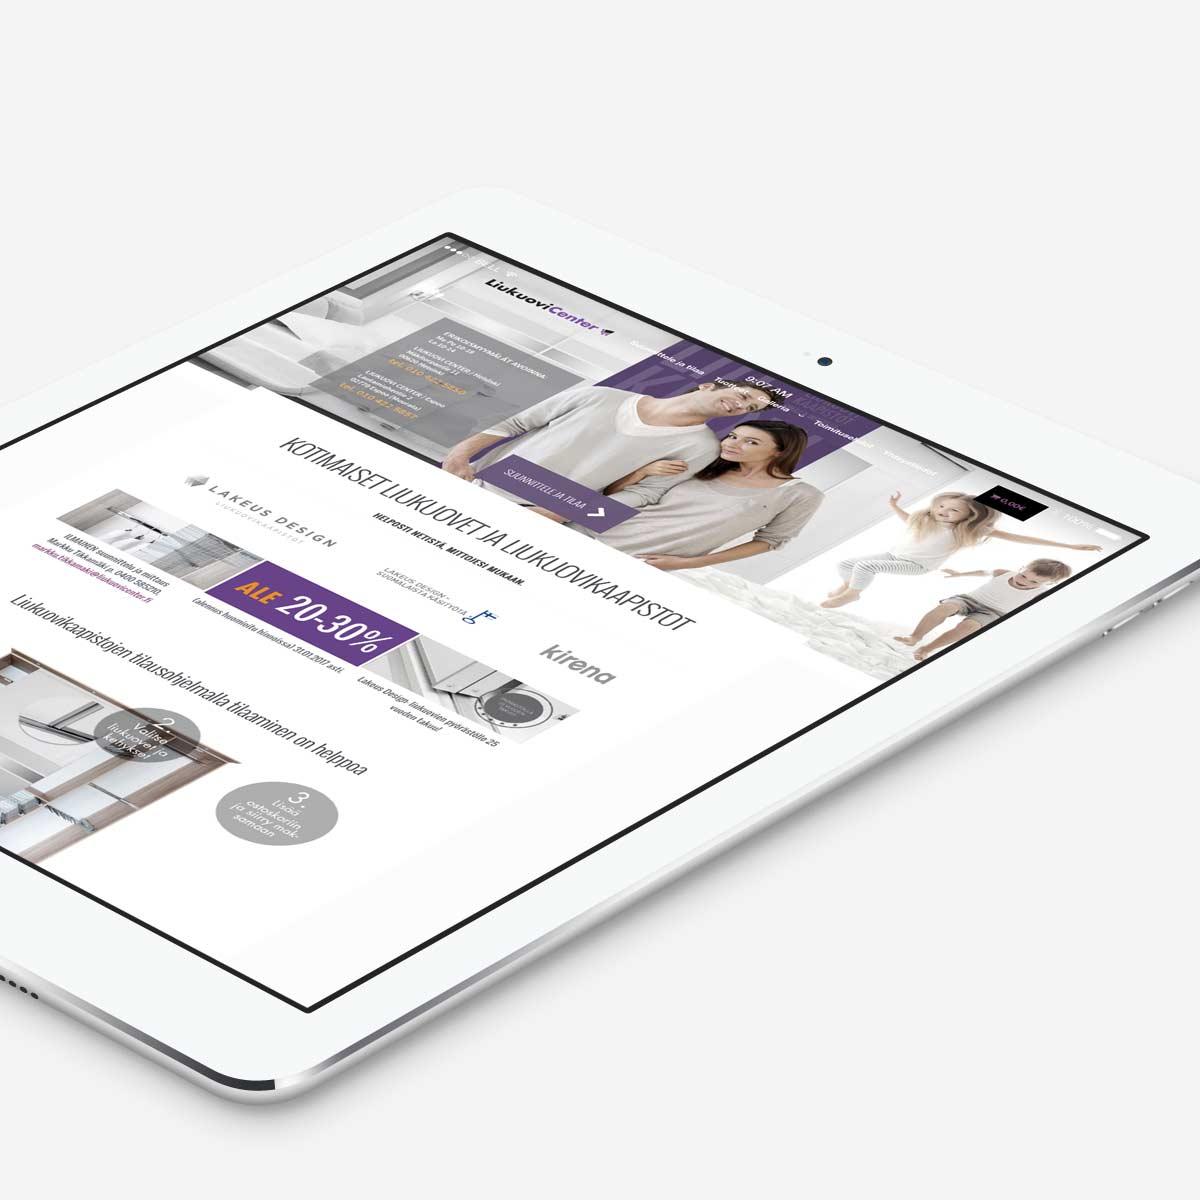 webdesign_liukuovicenter